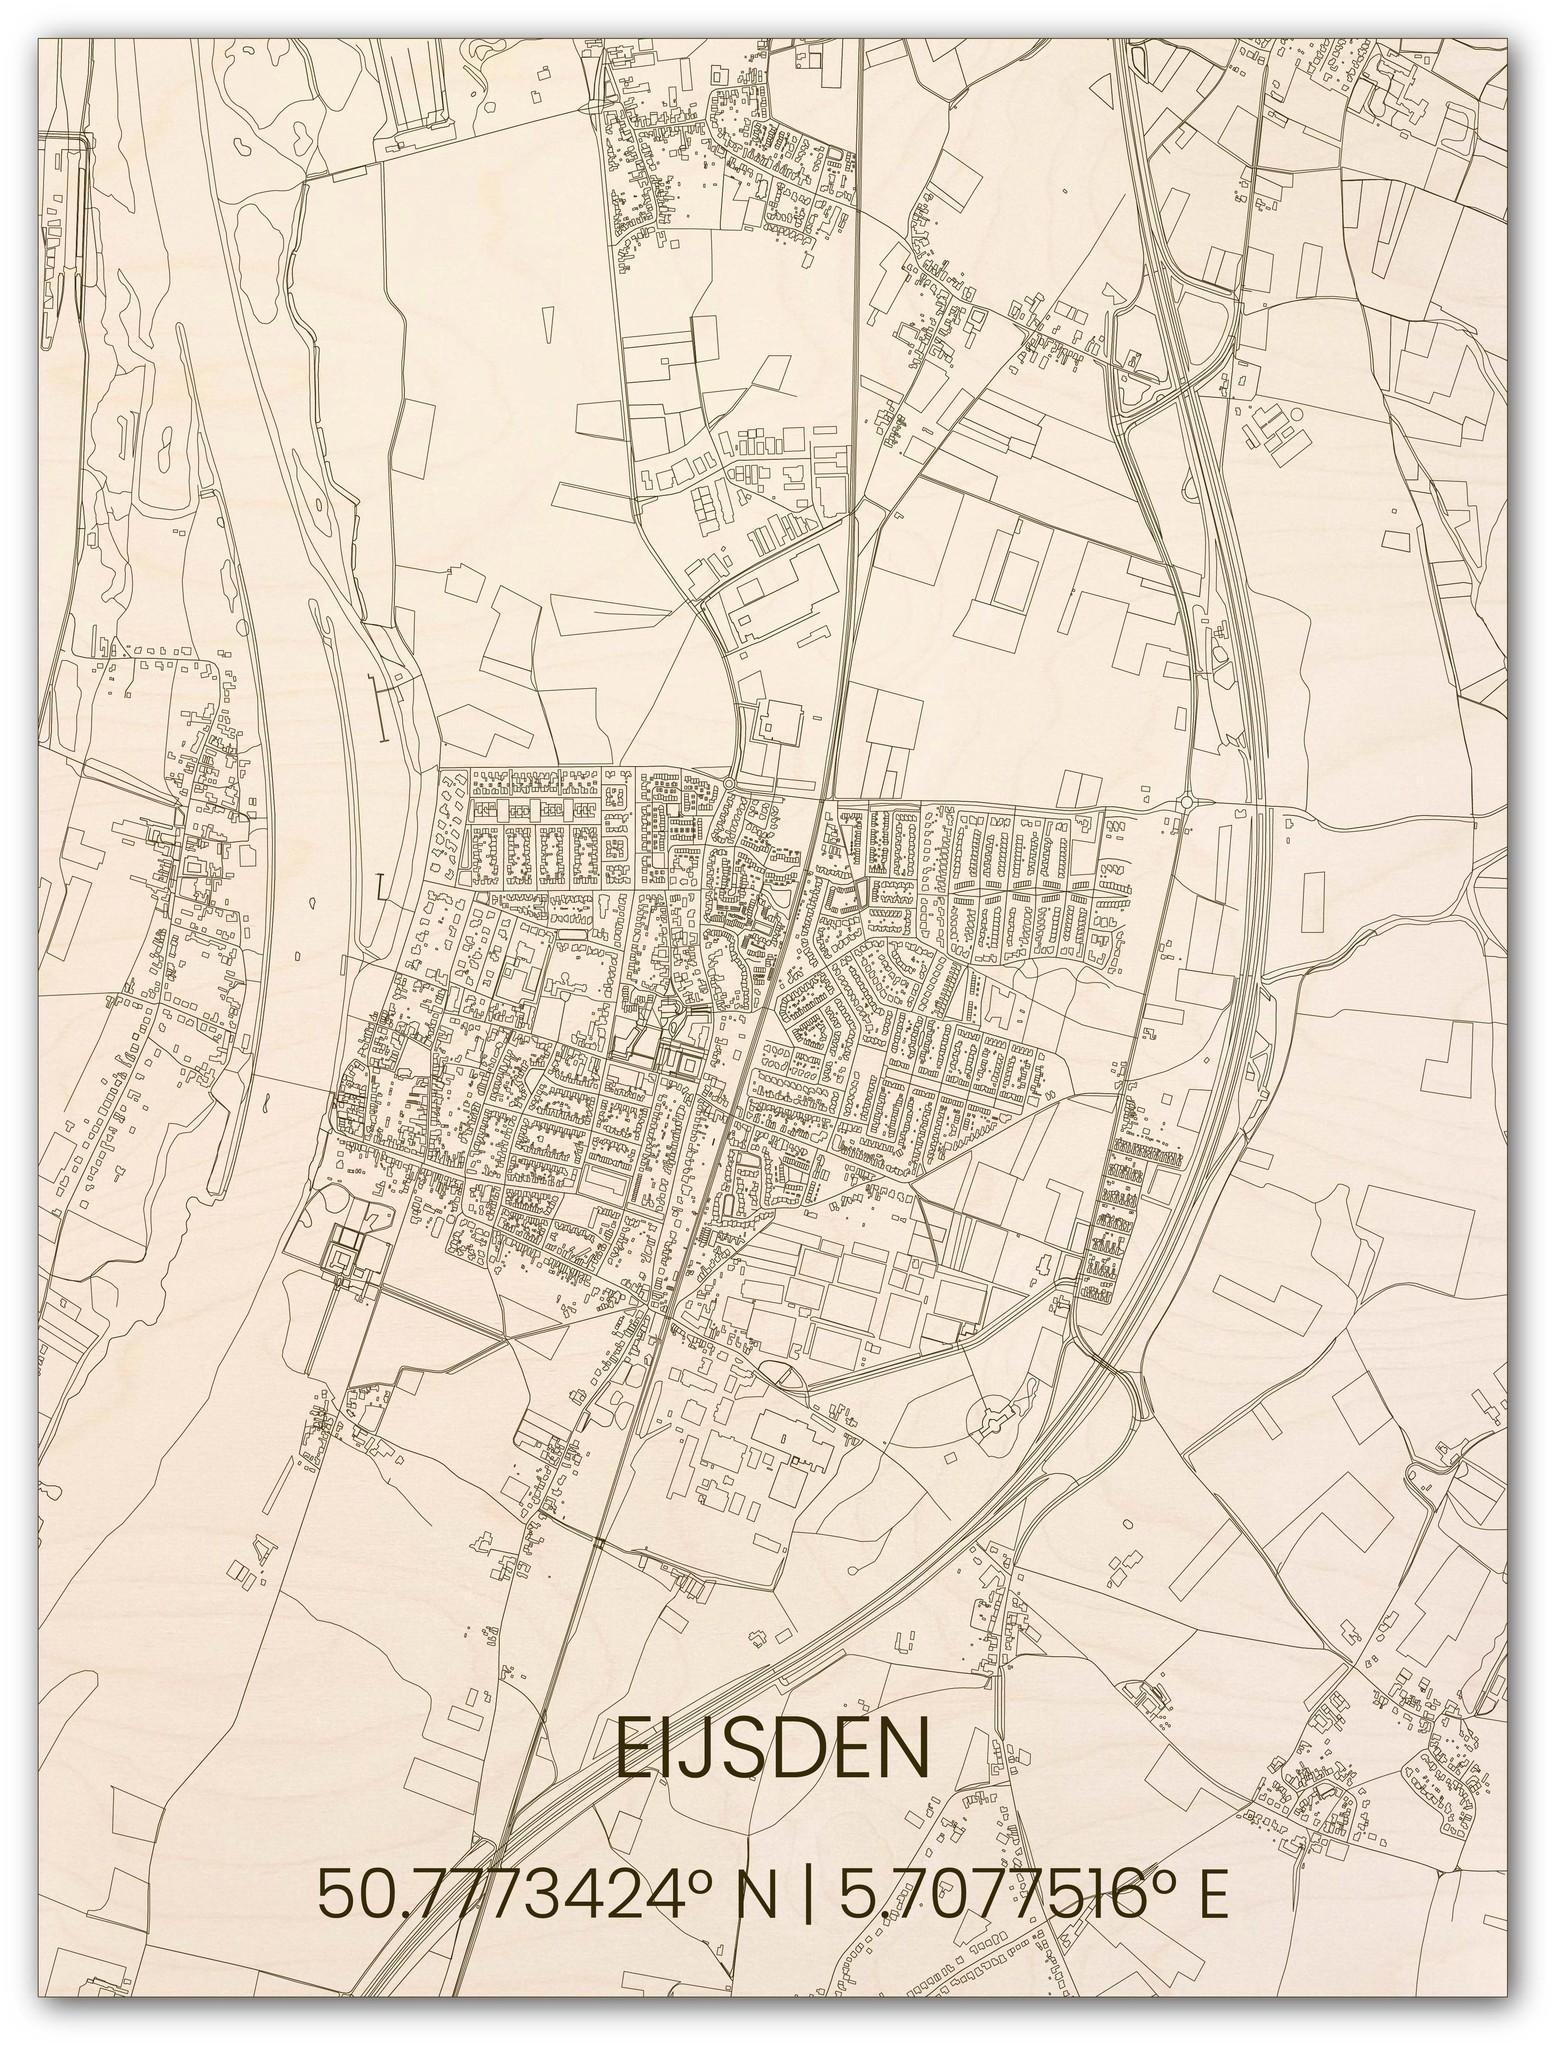 Houten stadsplattegrond Eijsden-1